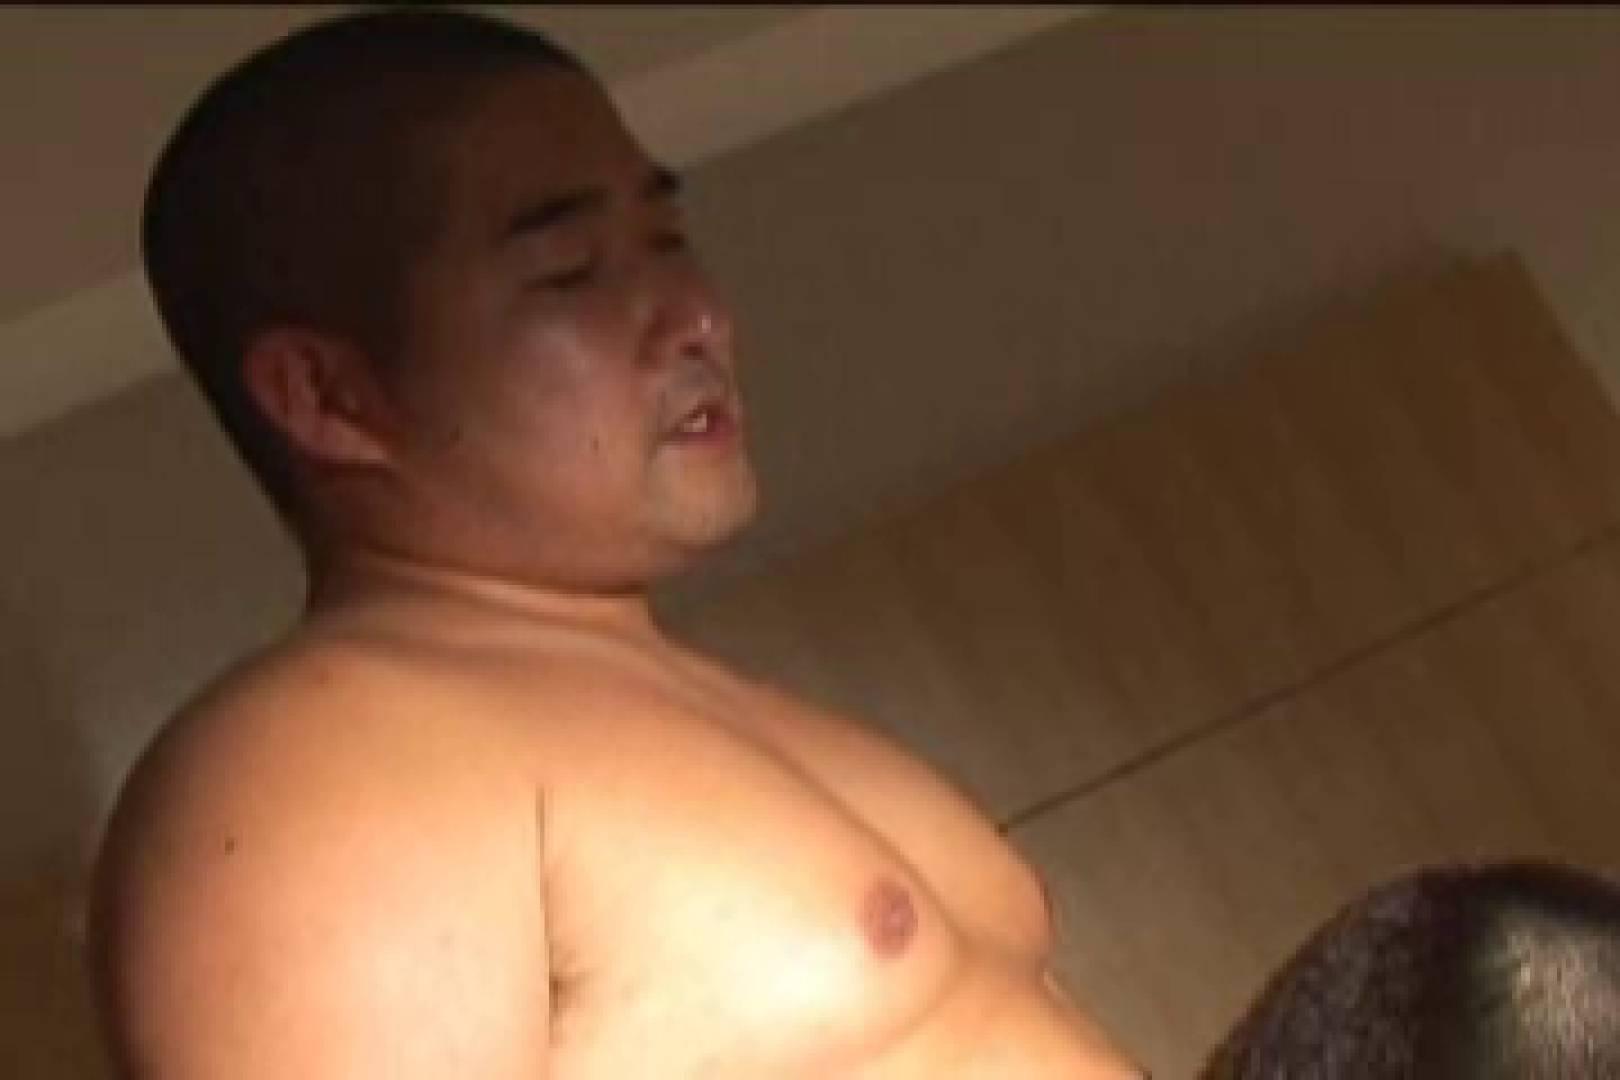 悶絶!!ケツマンFighters!! Part.01 ゲイのキス ゲイヌード画像 63pic 37